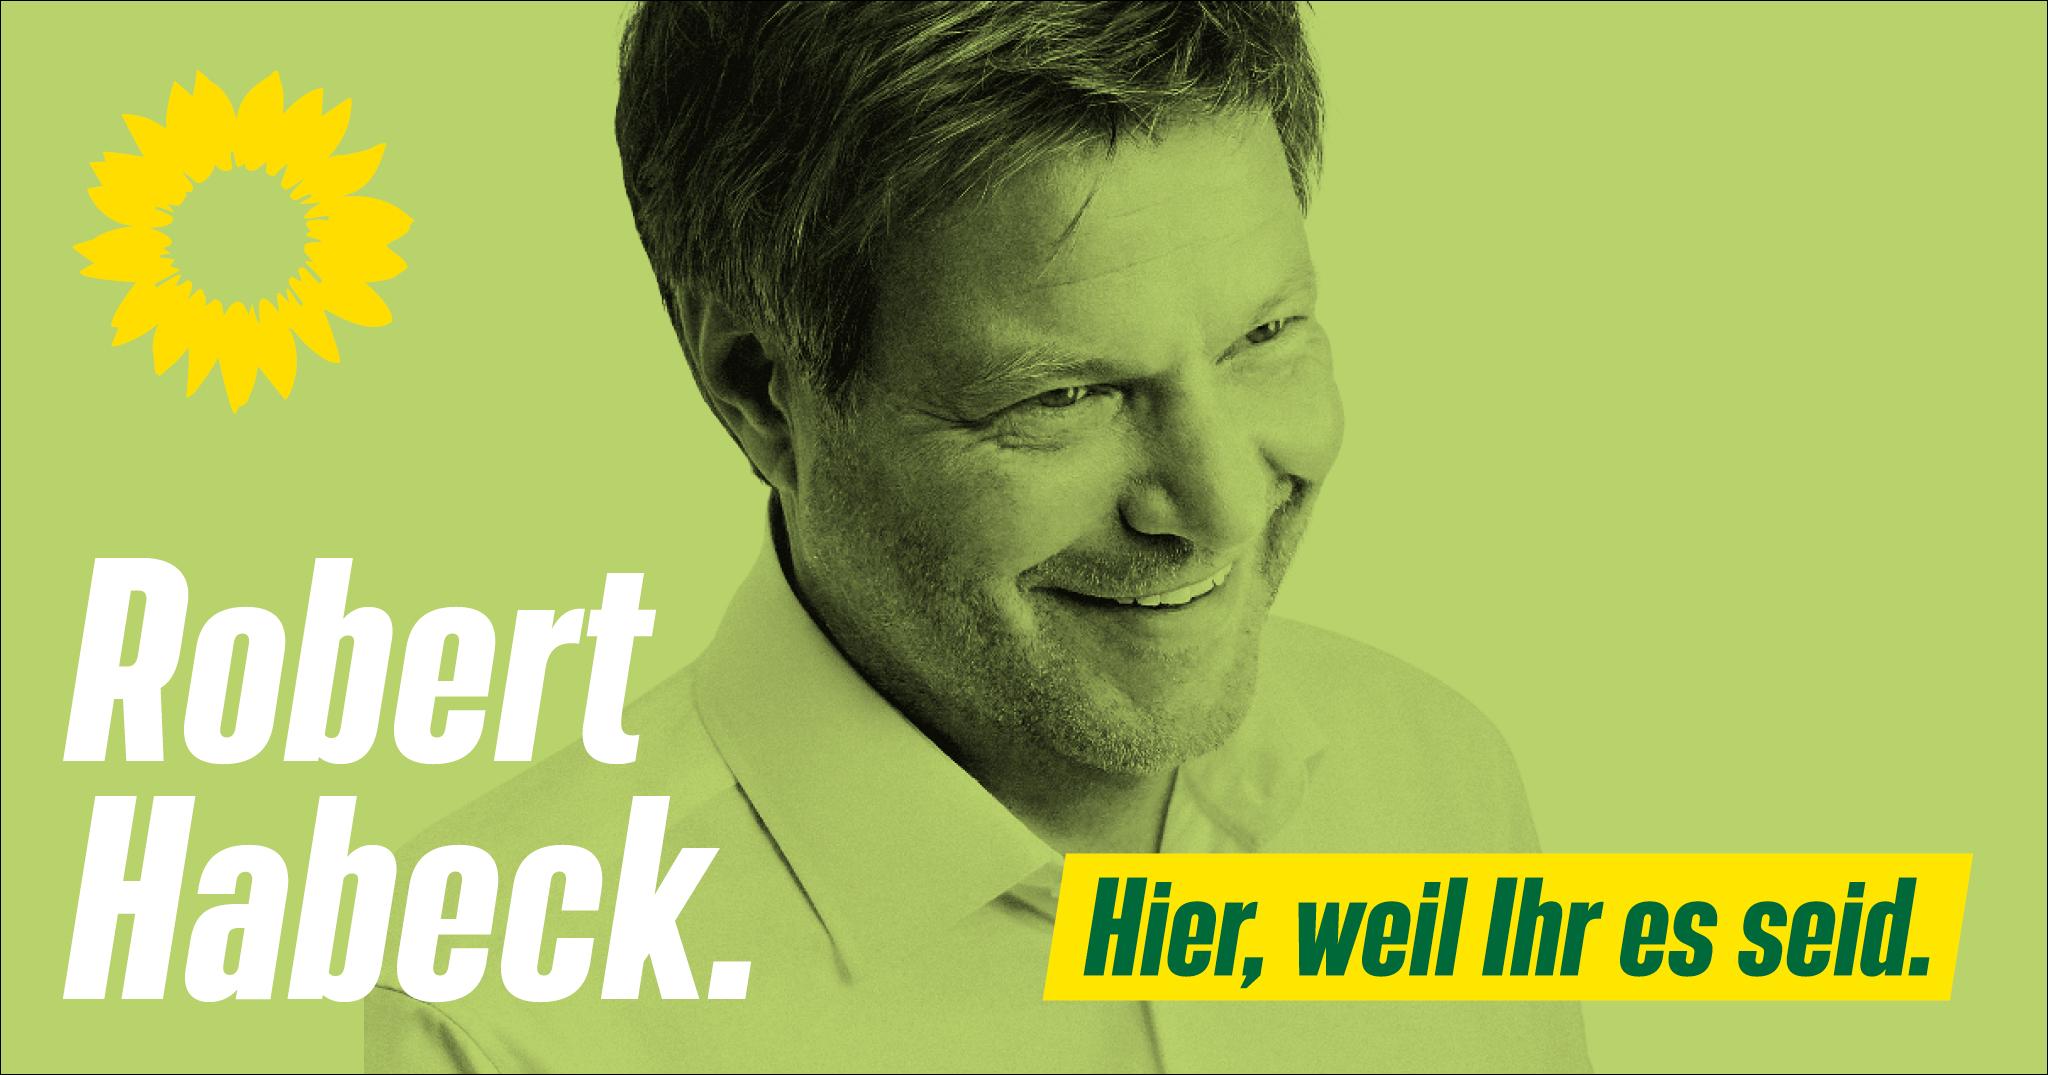 Rober Habeck Header